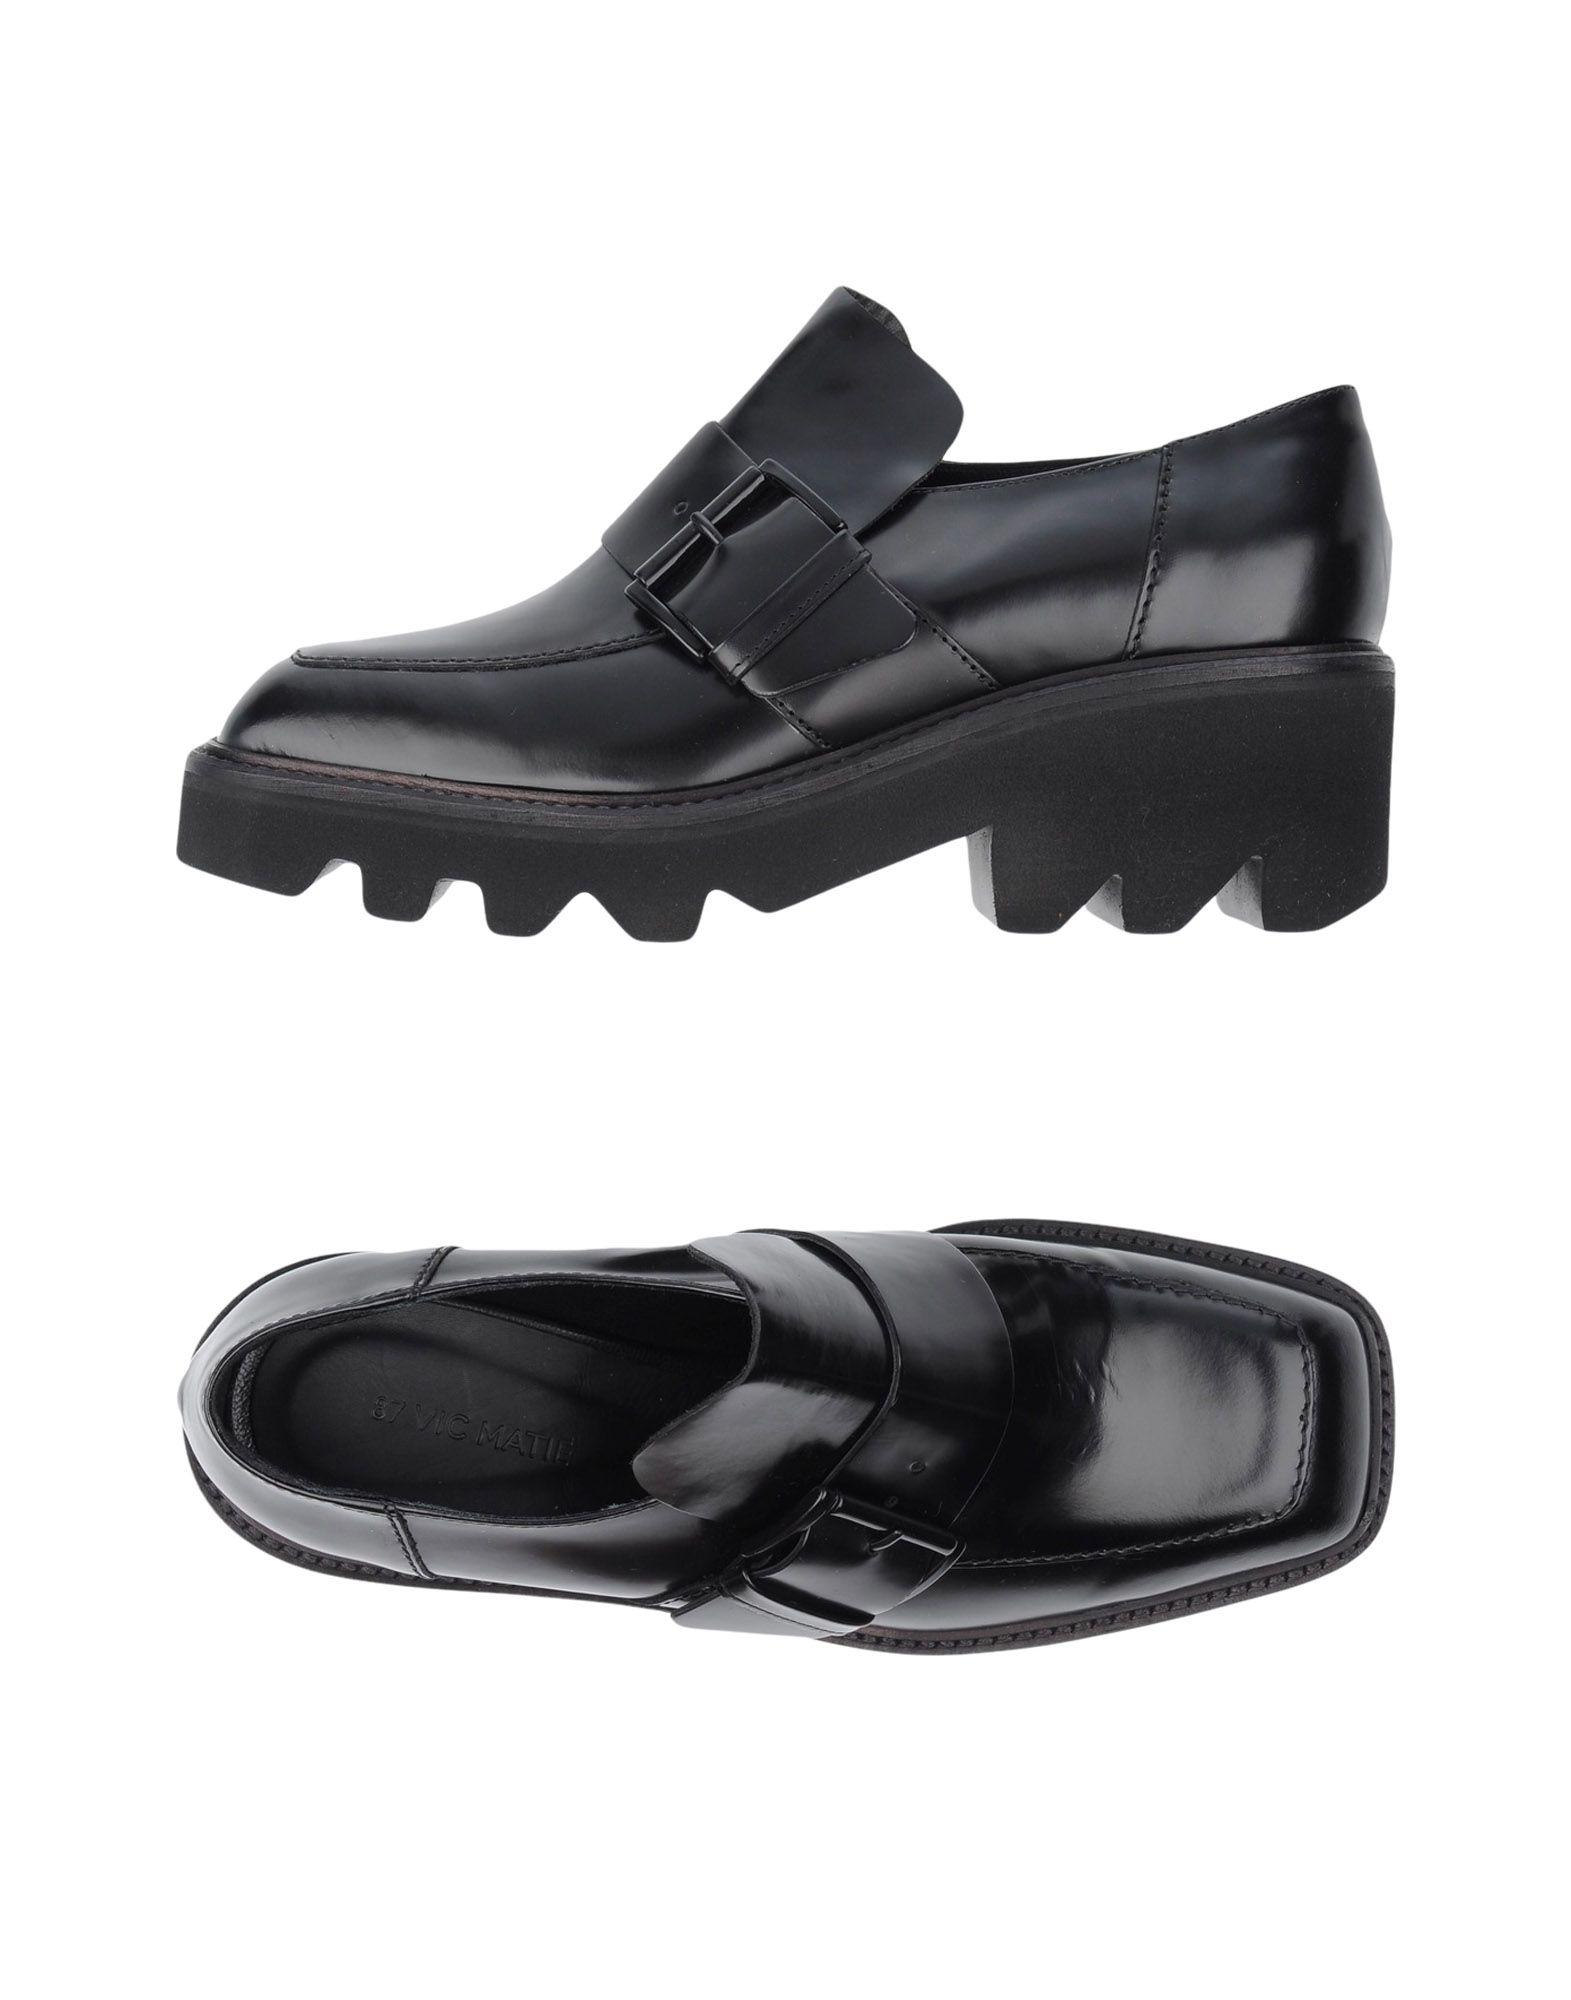 87 Vic Matiē Mokassins strapazierfähige Damen  11277587DEGut aussehende strapazierfähige Mokassins Schuhe 8bb634